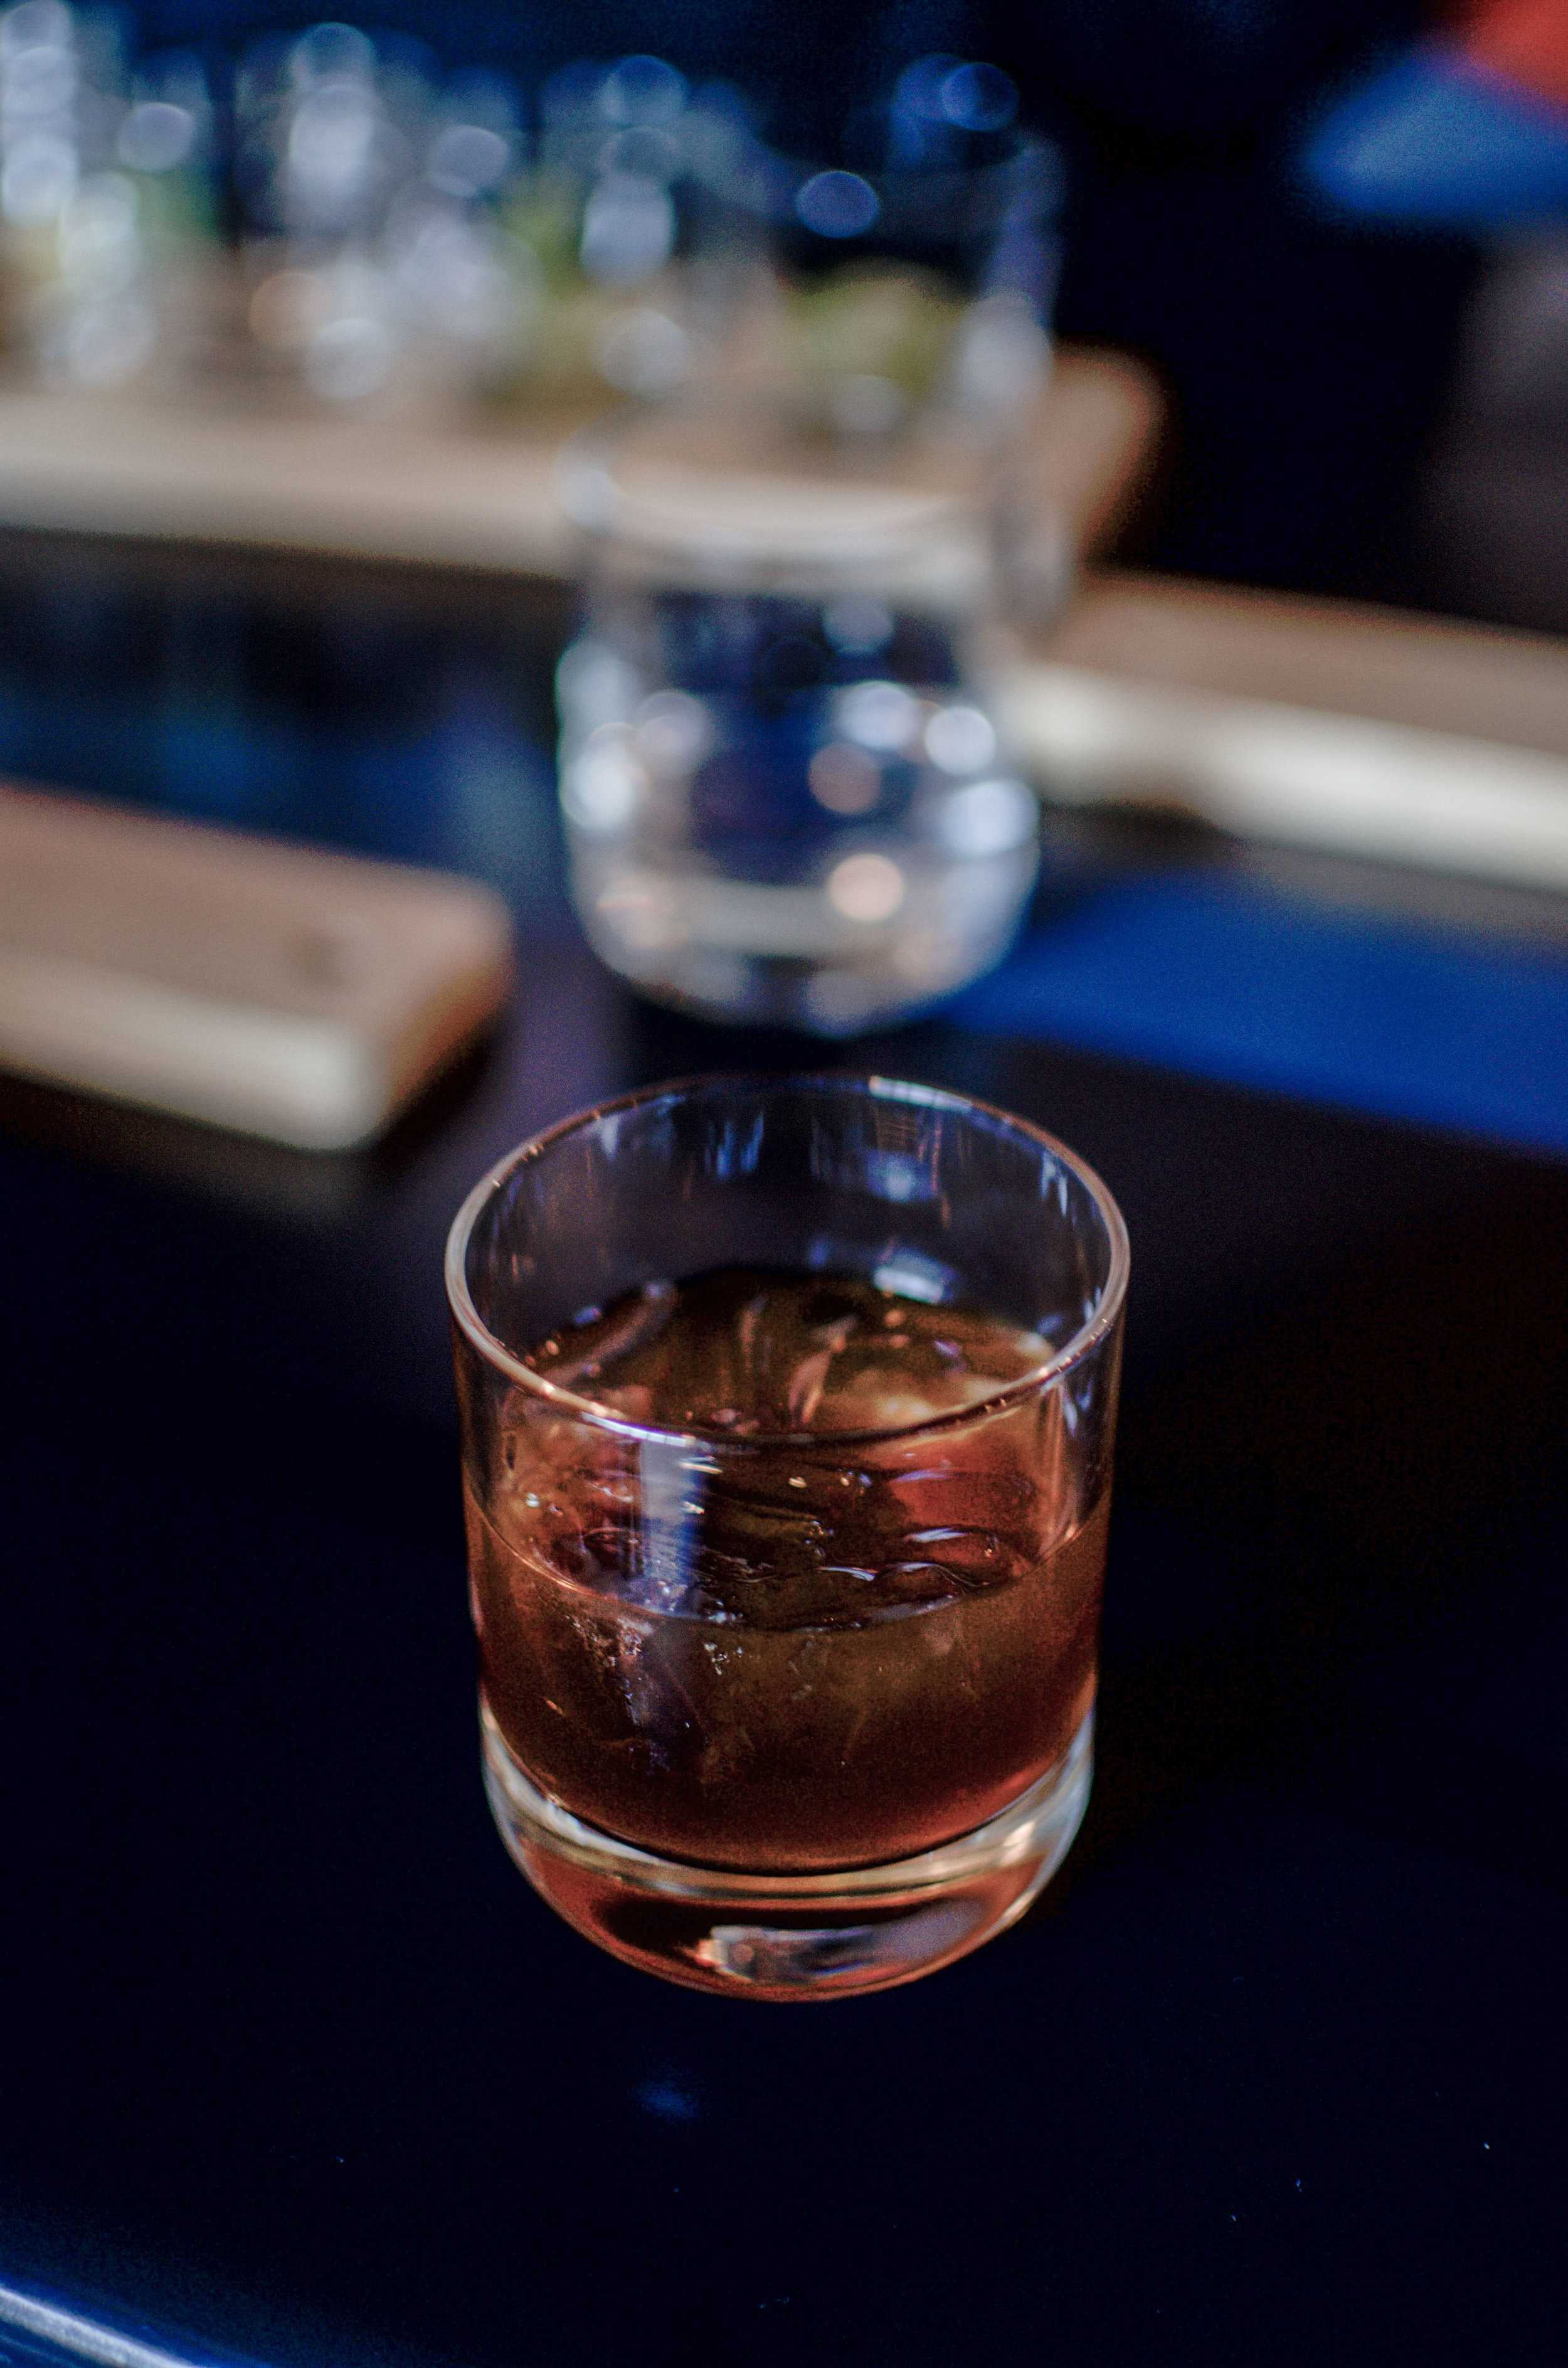 Wenlding_Boyd_Gray_Skies_Distillery.jpg